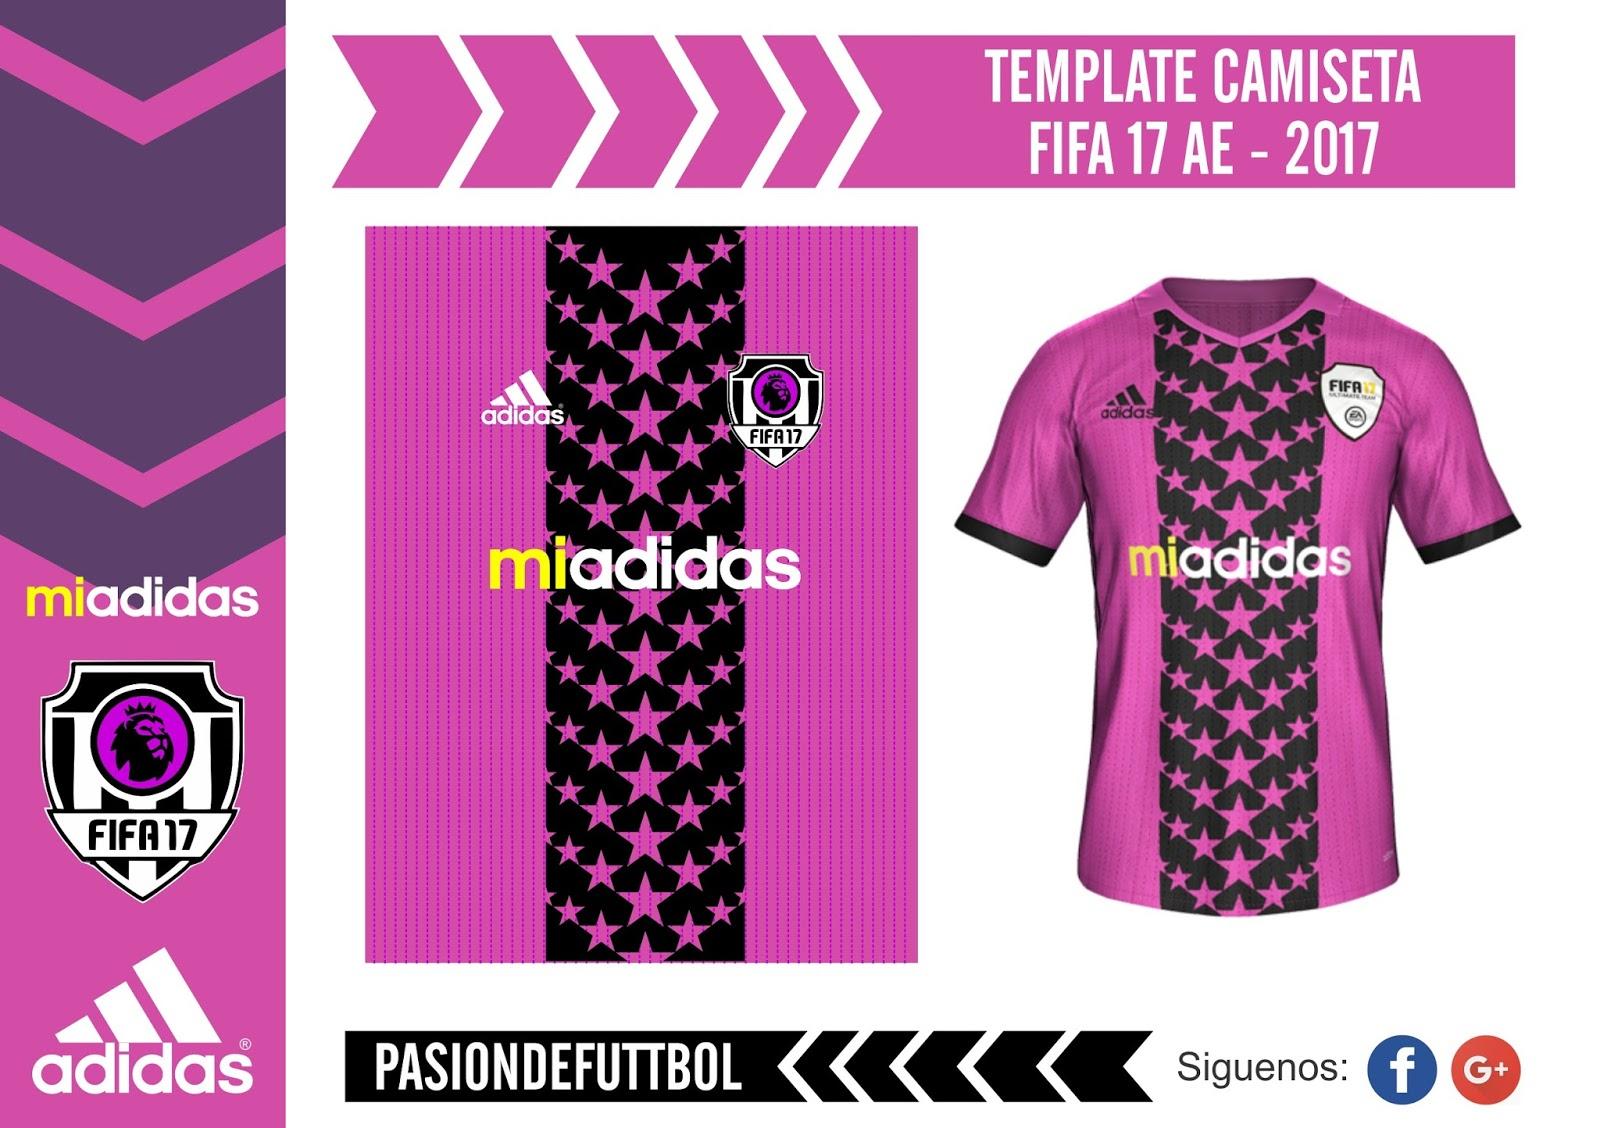 fb7dc57995dd1 Diseños vectores templates para camisetas de futbol jpg 1600x1128 Vectores  imagenes de diseno para playeras